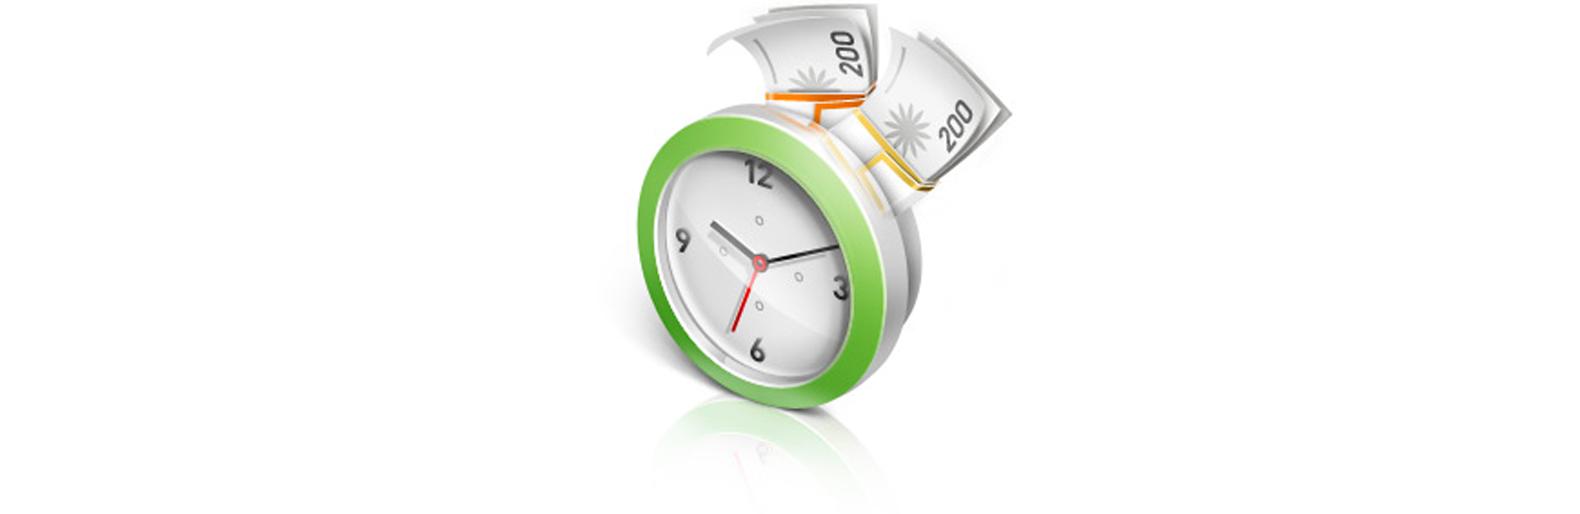 швидкий кредит от приватбанка займы на карту срочно skip-start.ru